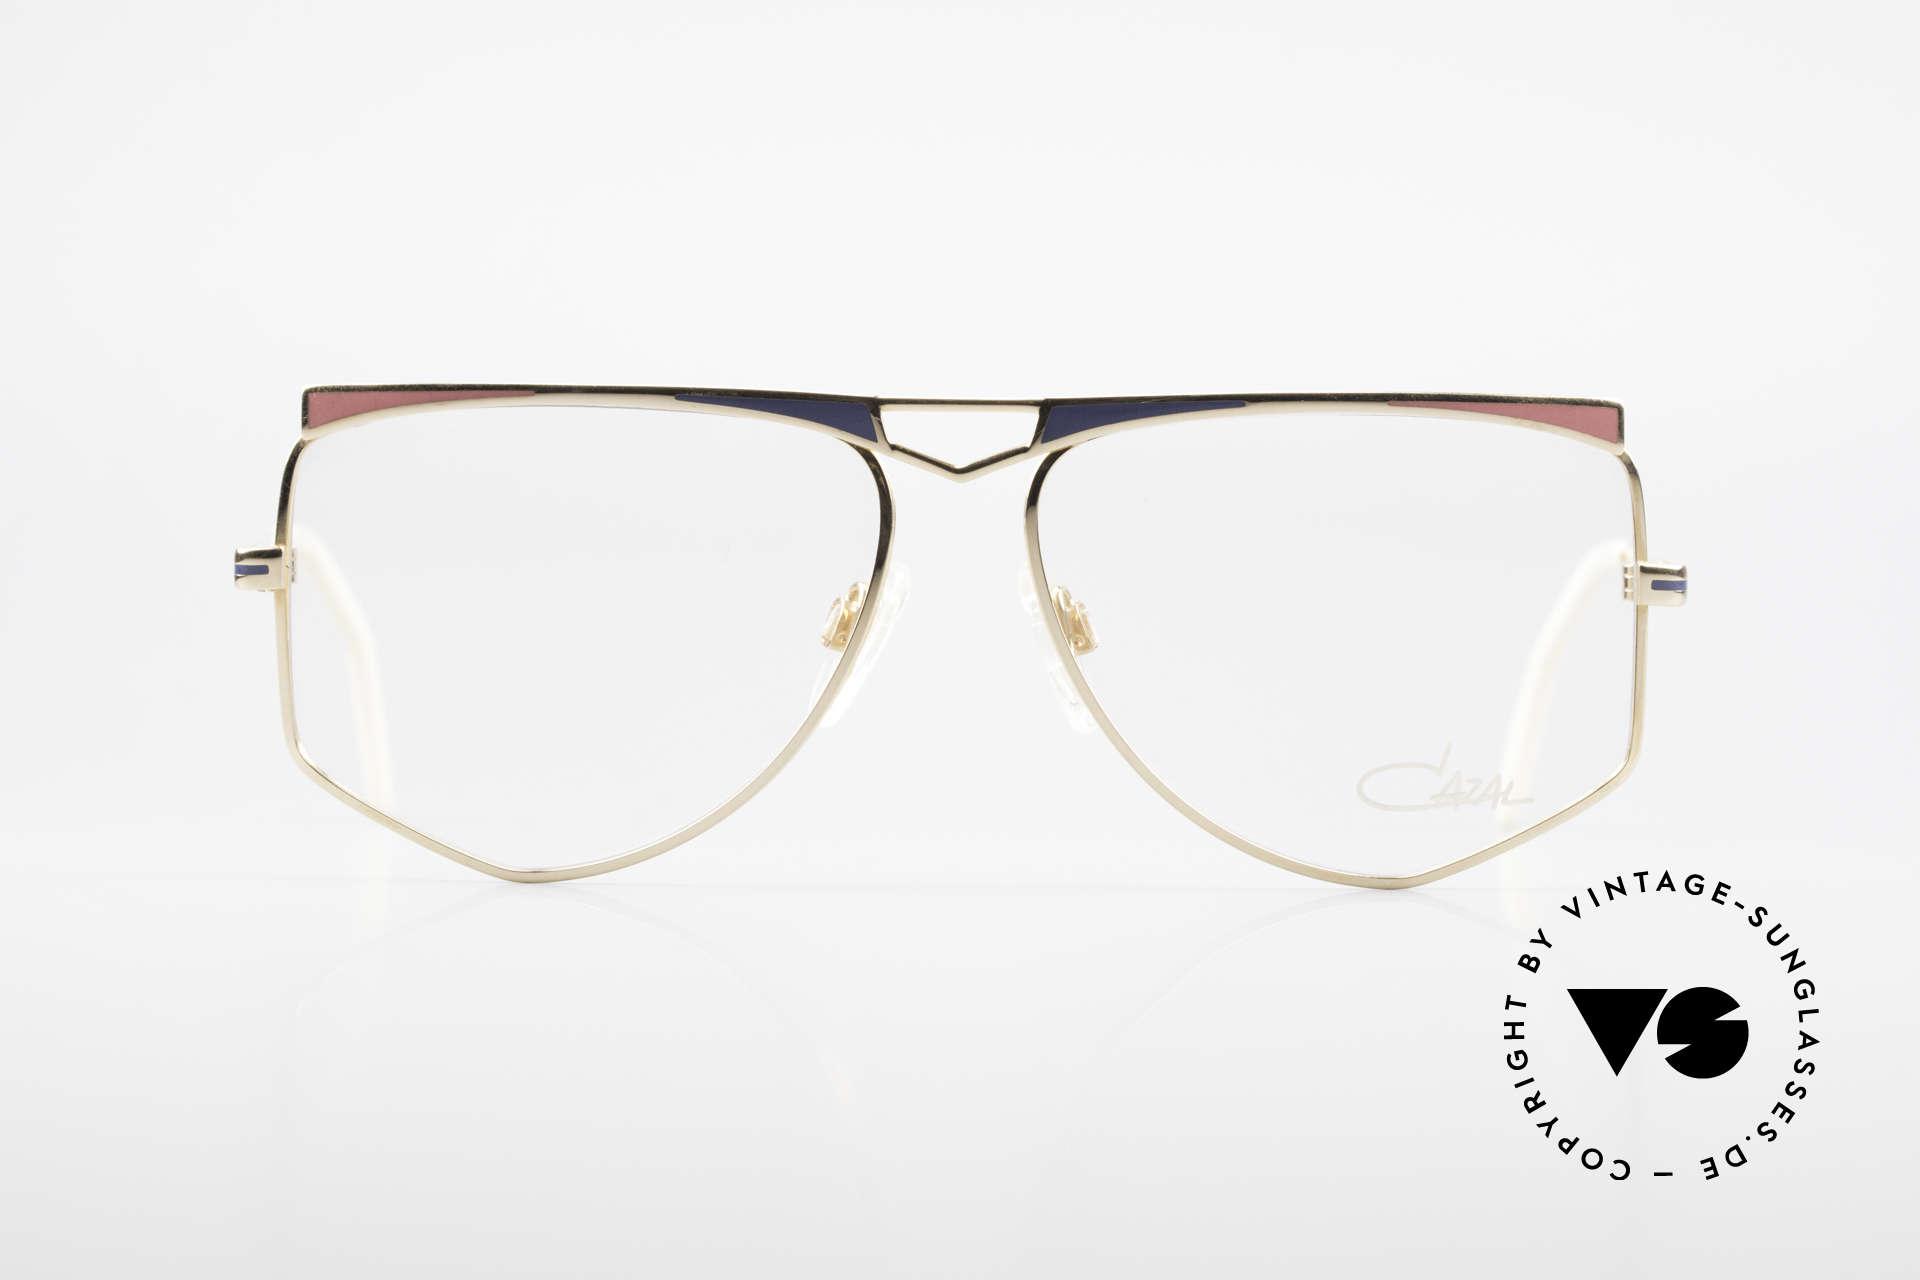 Cazal 227 Echt Alte 80er Vintage Brille, perfekt abgestimmte Rahmengestaltung (typisch 80er), Passend für Damen